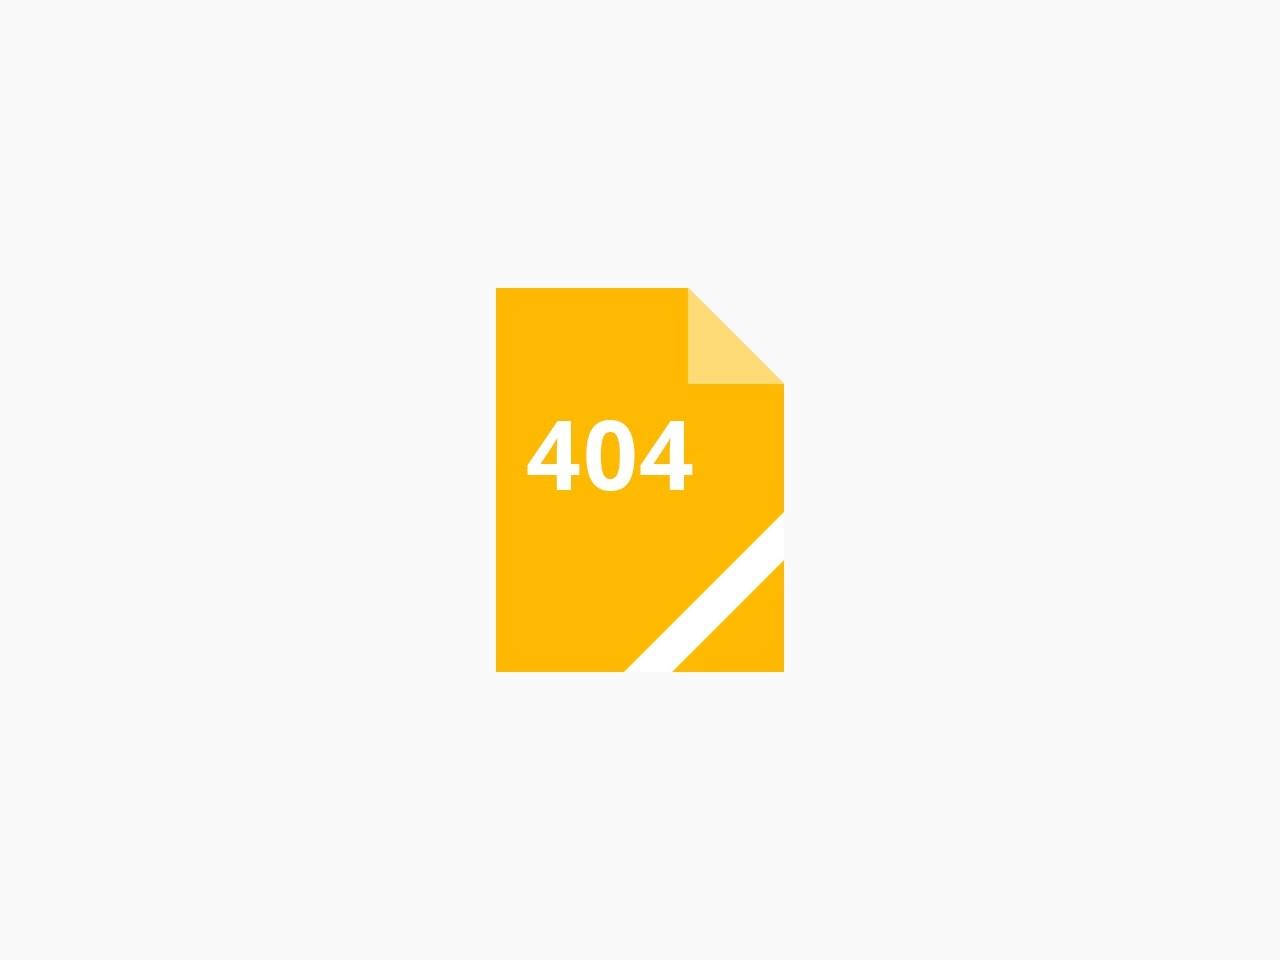 hangorize.com